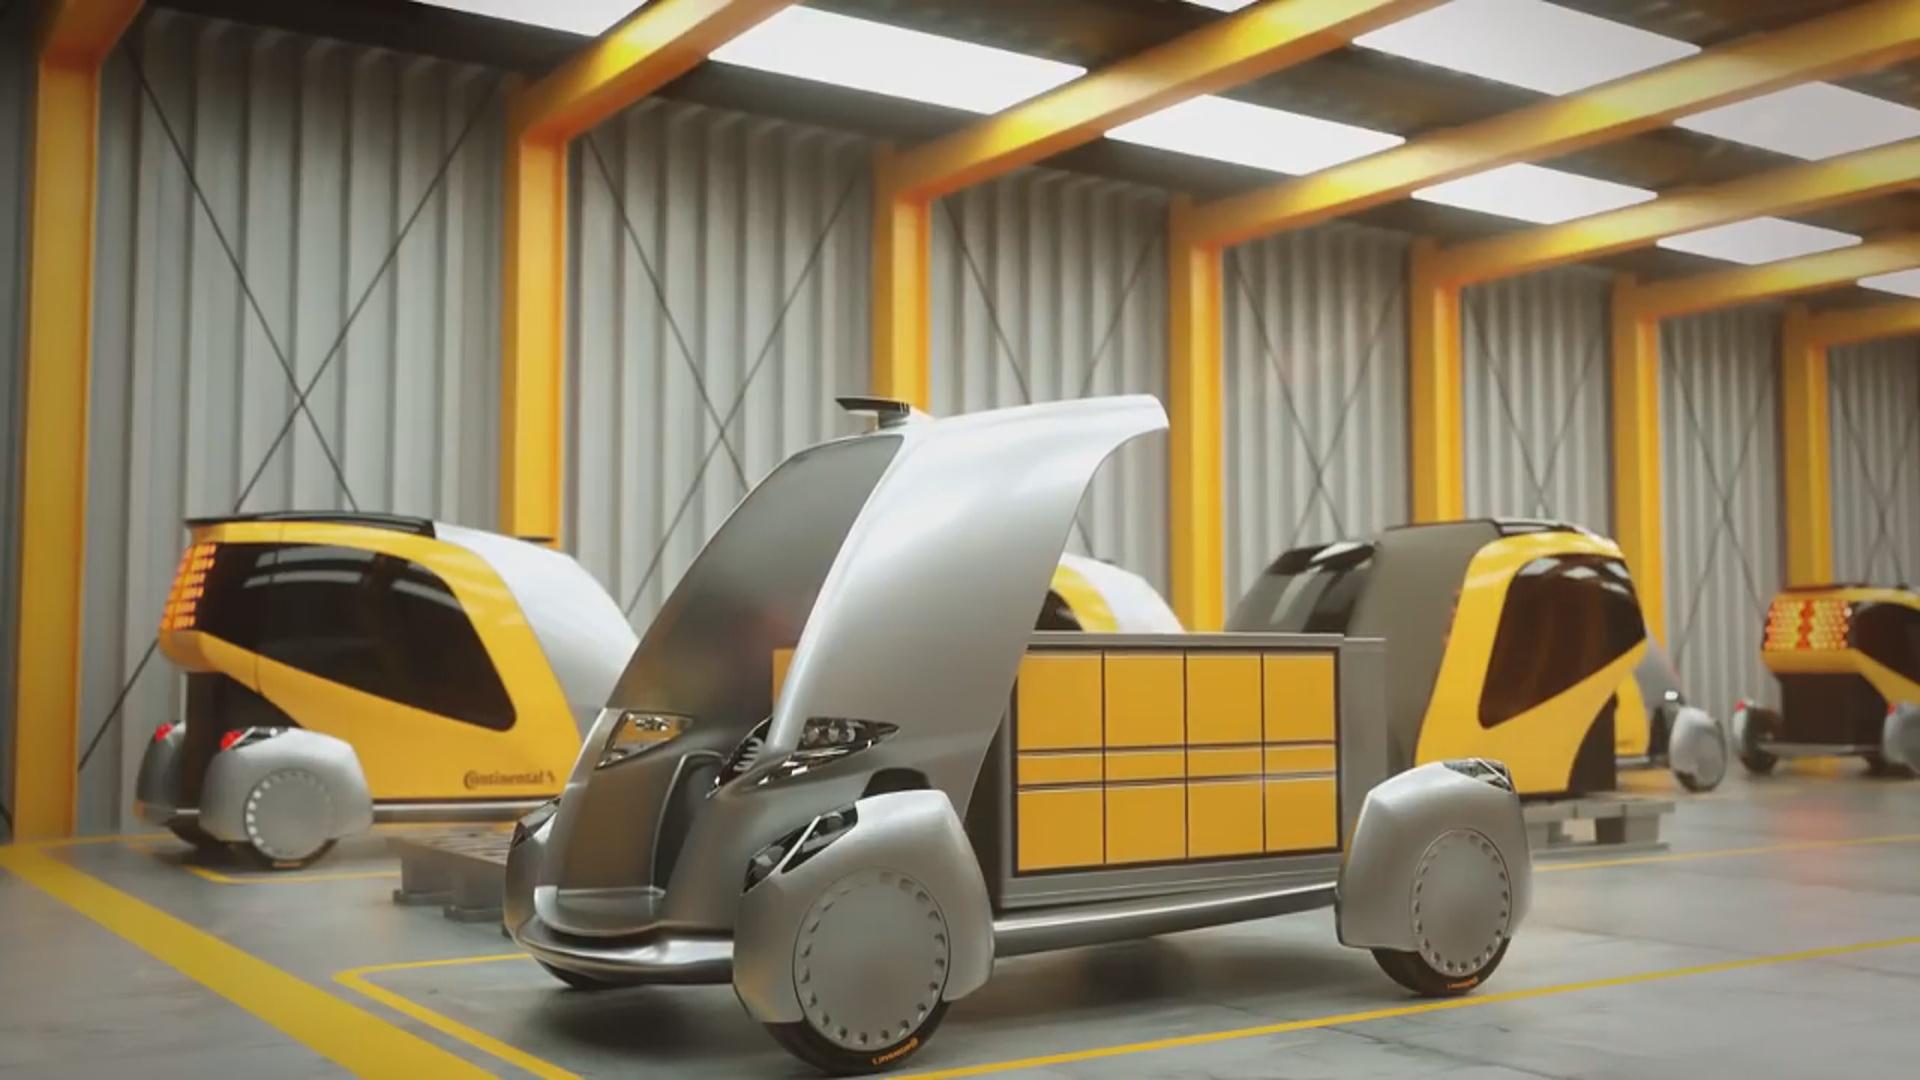 Robot kuryerlərin işinin sürətləndirilməsi planlaşdırılır